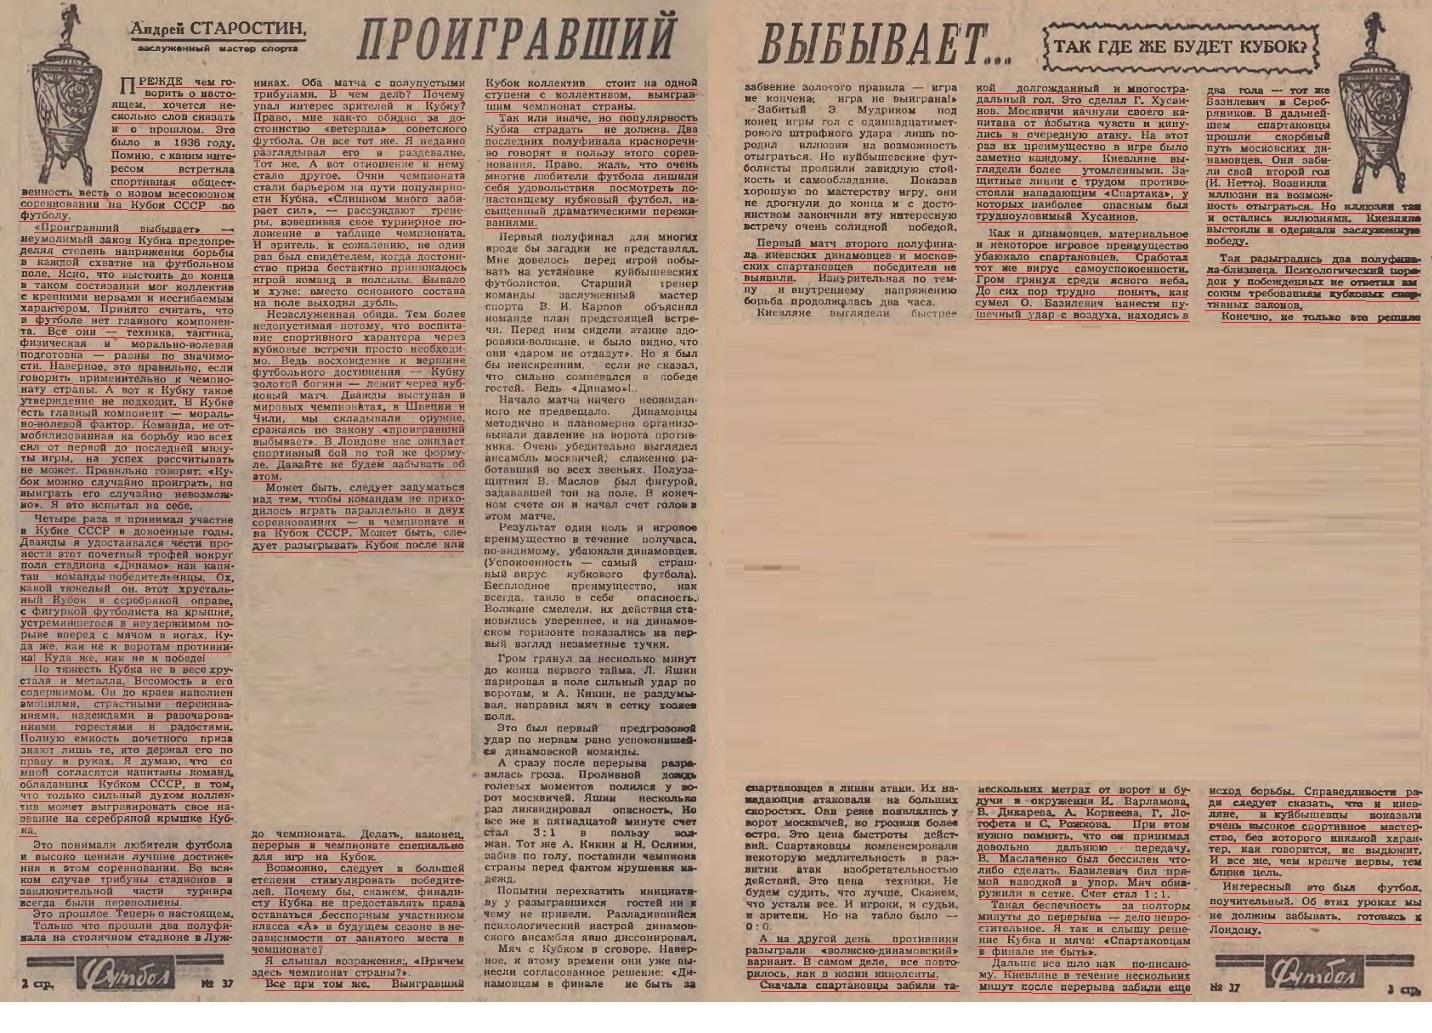 Спартак (Москва) - Динамо (Киев) 2:3. Нажмите, чтобы посмотреть истинный размер рисунка